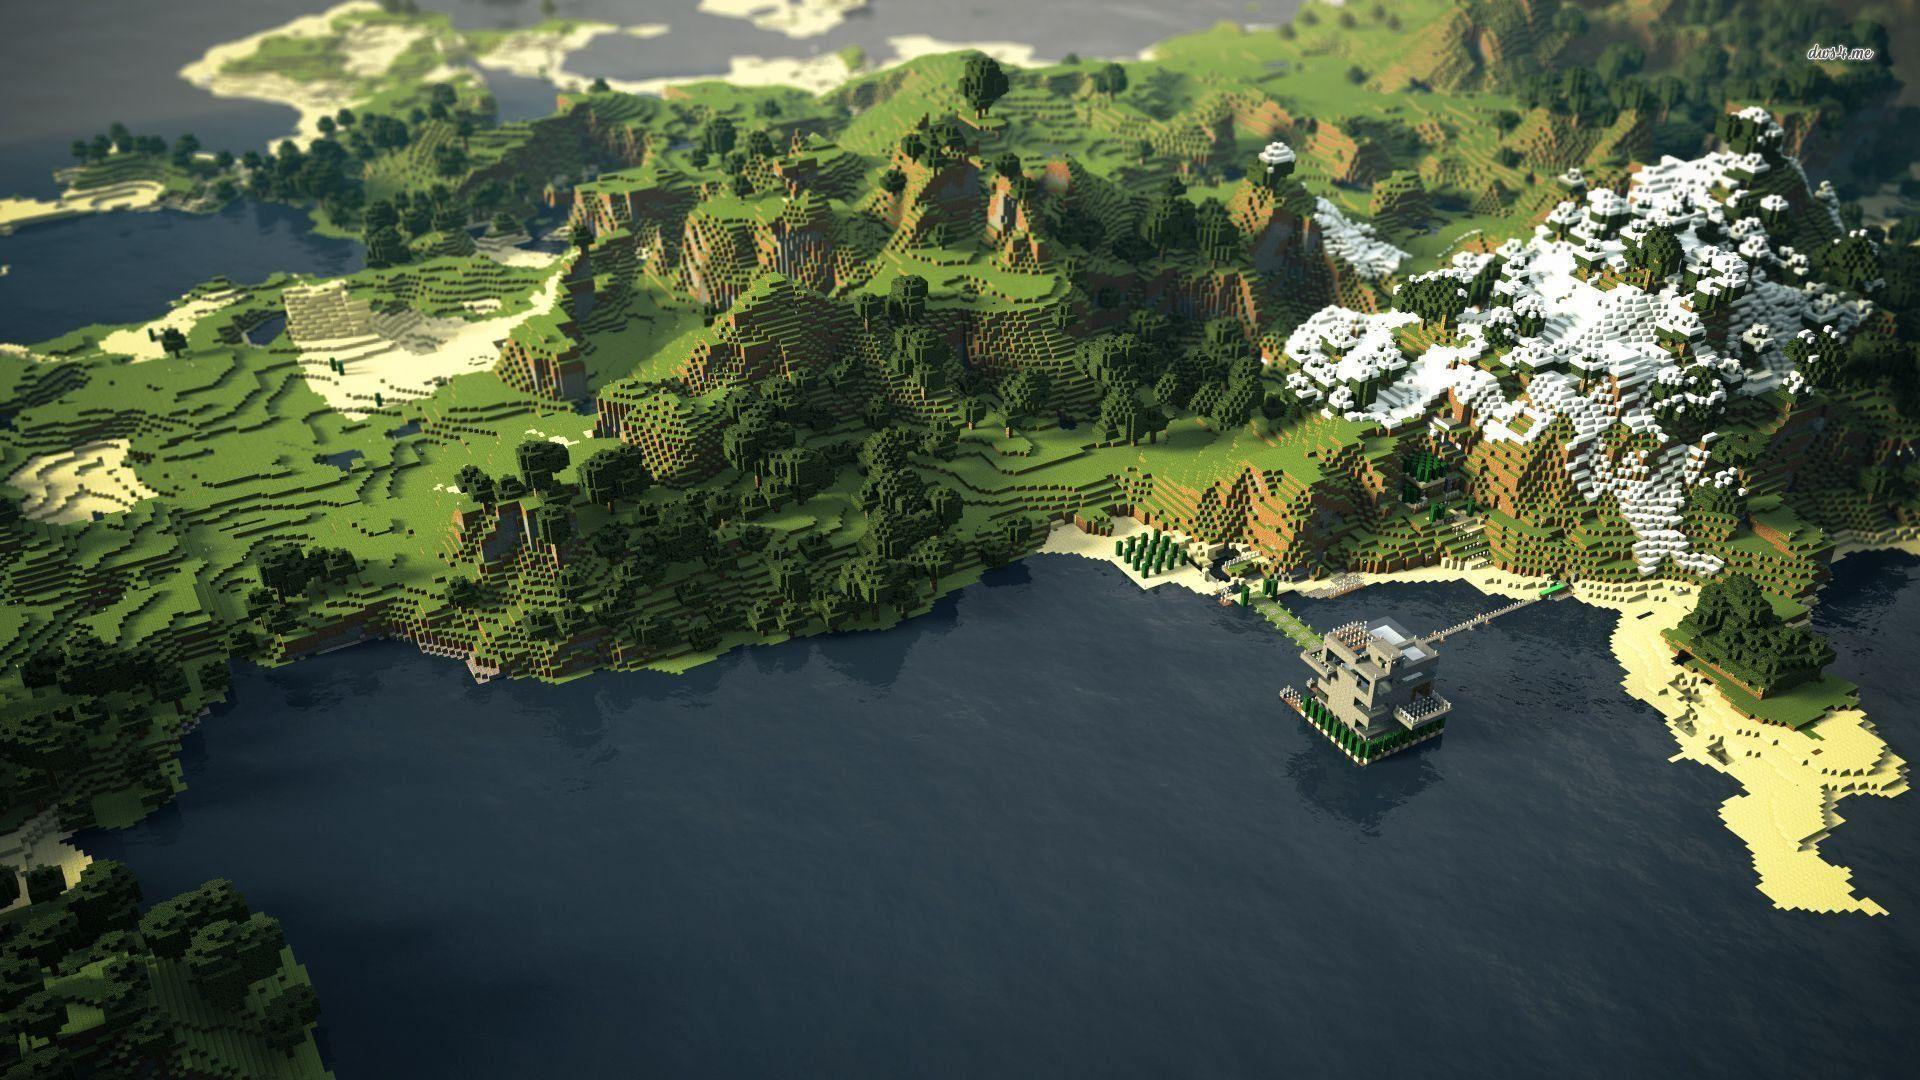 Download Wallpaper Minecraft Landscape - 1f786f0cb91bcfe568f08818c3b960b2  Trends_885261.jpg